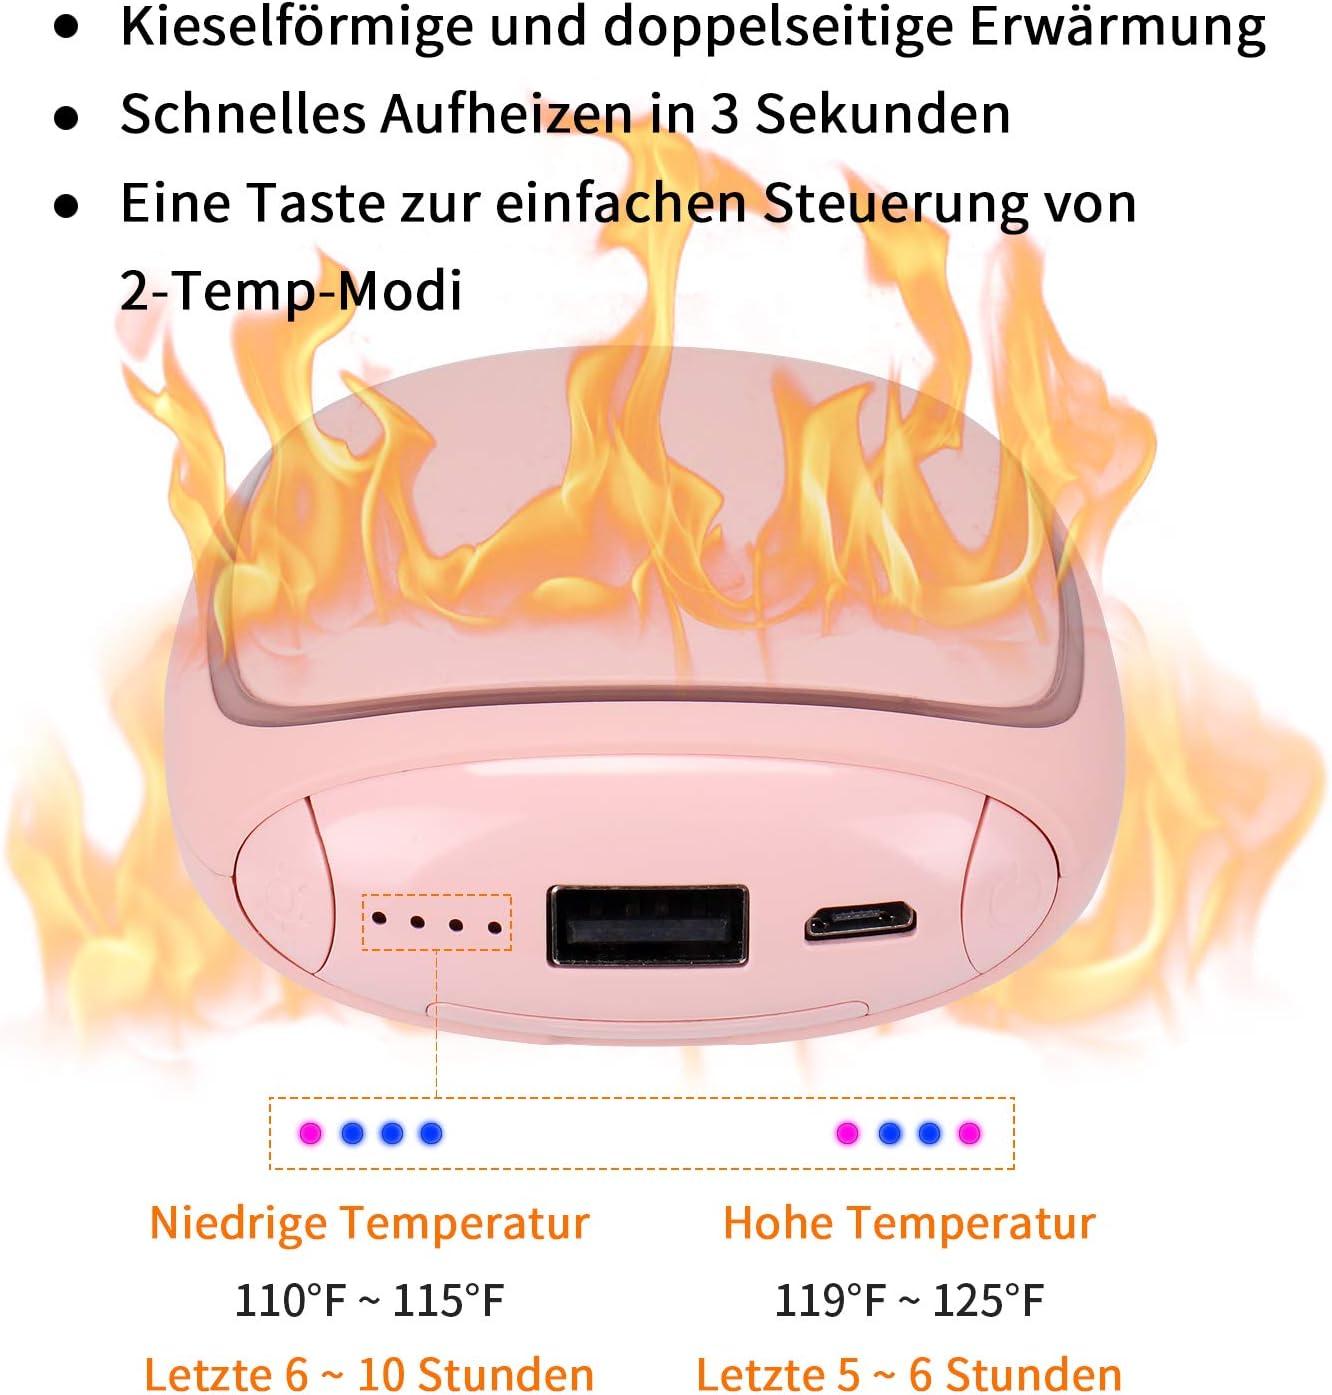 PEYOU Handw/ärmer USB M/änner Taschenw/ärmer Wiederverwendbar Powerbank 5200 mAh mit LED Taschenlampe Gro/ße Kapazit/ät und doppelseitige Heizung f/ür M/ädchen Externe Backup Ladeger/ät Akku f/ür Smartphone